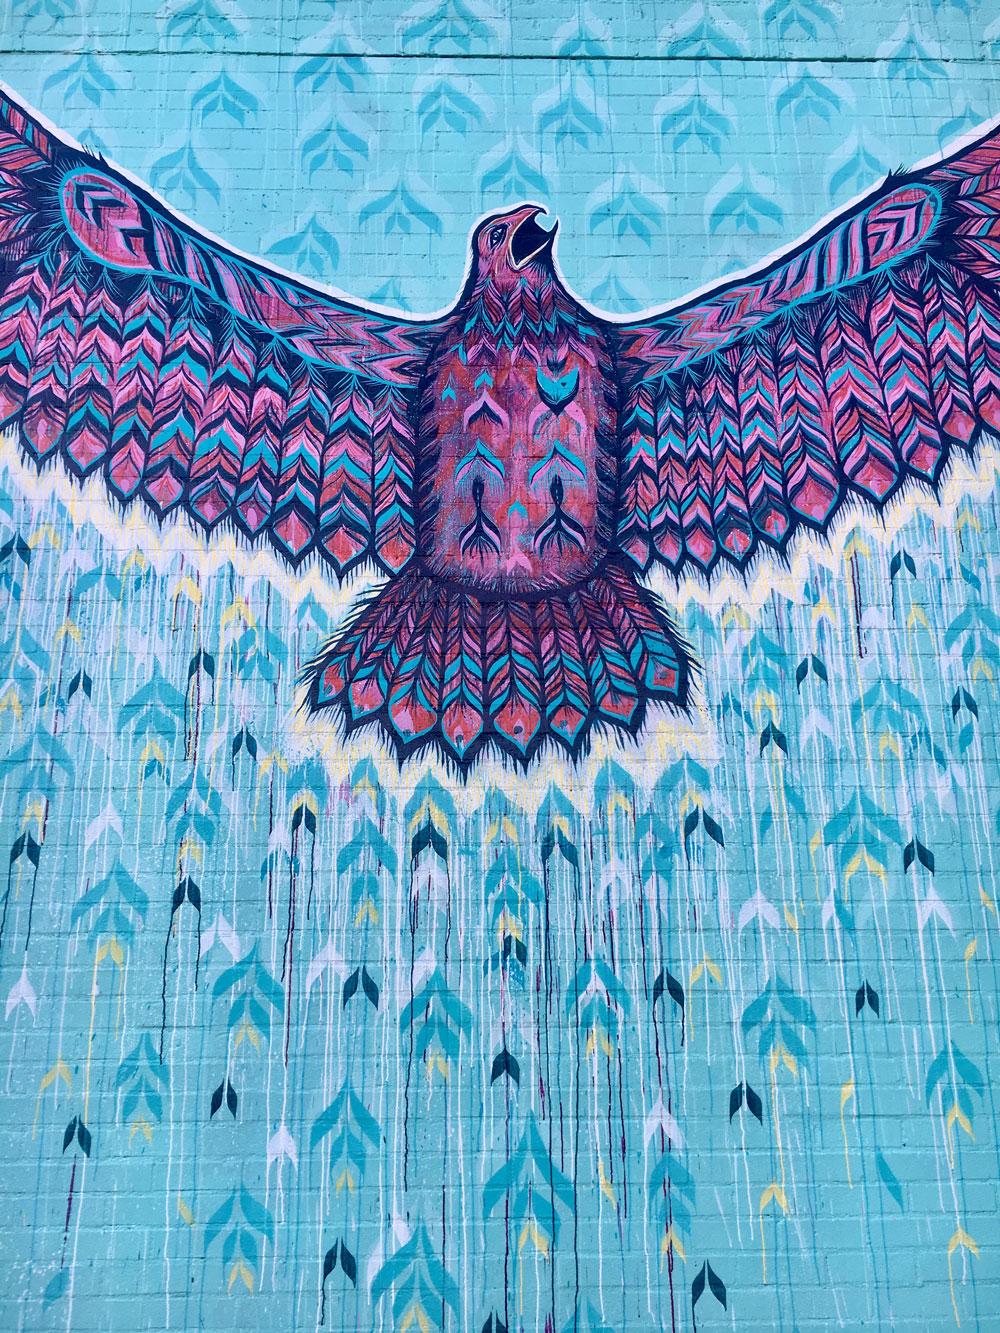 okc murals